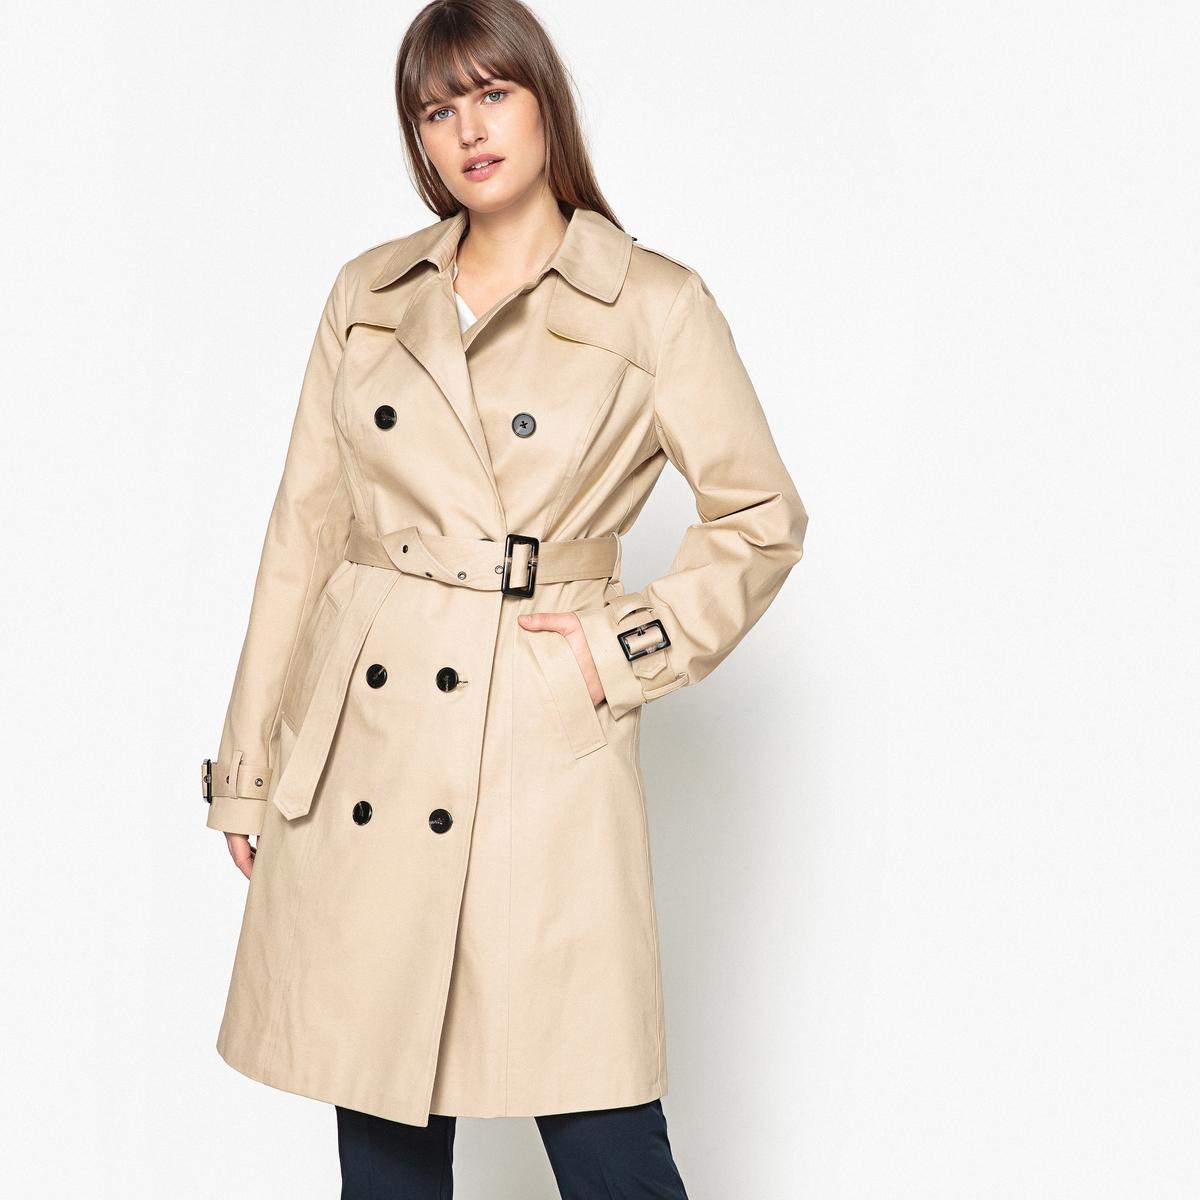 Wasserabweisender Trenchcoat | Bekleidung > Mäntel > Trenchcoats | Baumwolle - Polyester | CASTALUNA